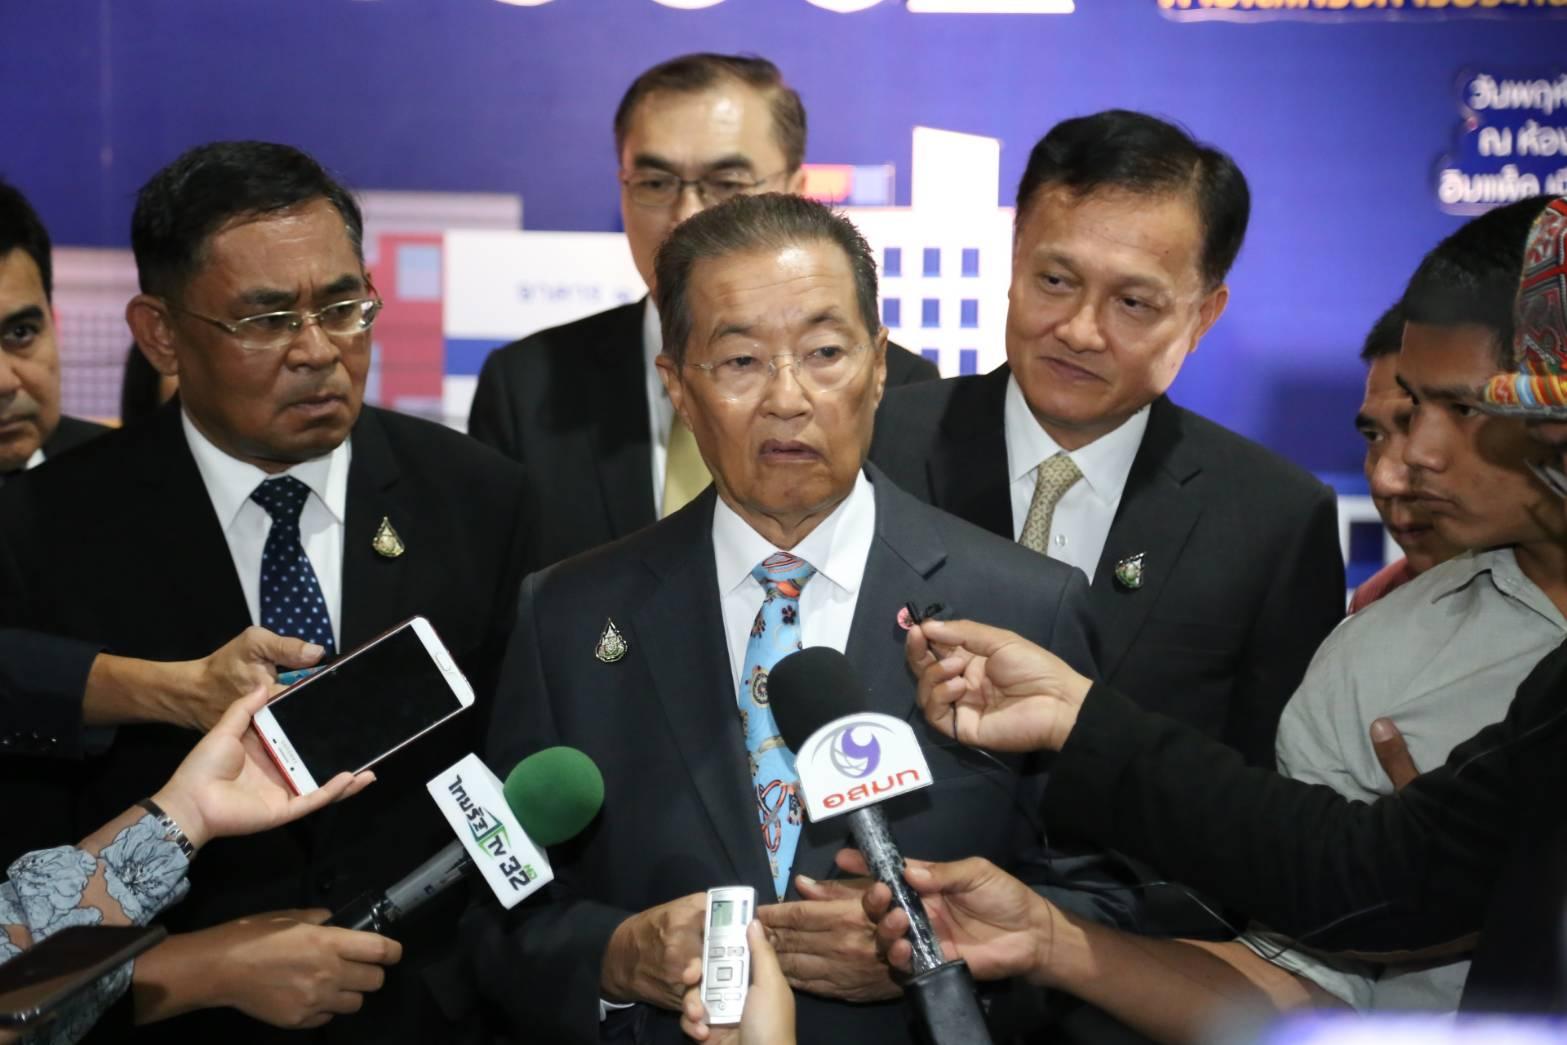 """""""หม่อมเต่า"""" ลุยแคมเปญประกันสังคมทั่วไทย ดึงแรงงานอิสระเข้าระบบ สร้างความคุ้มครอง"""